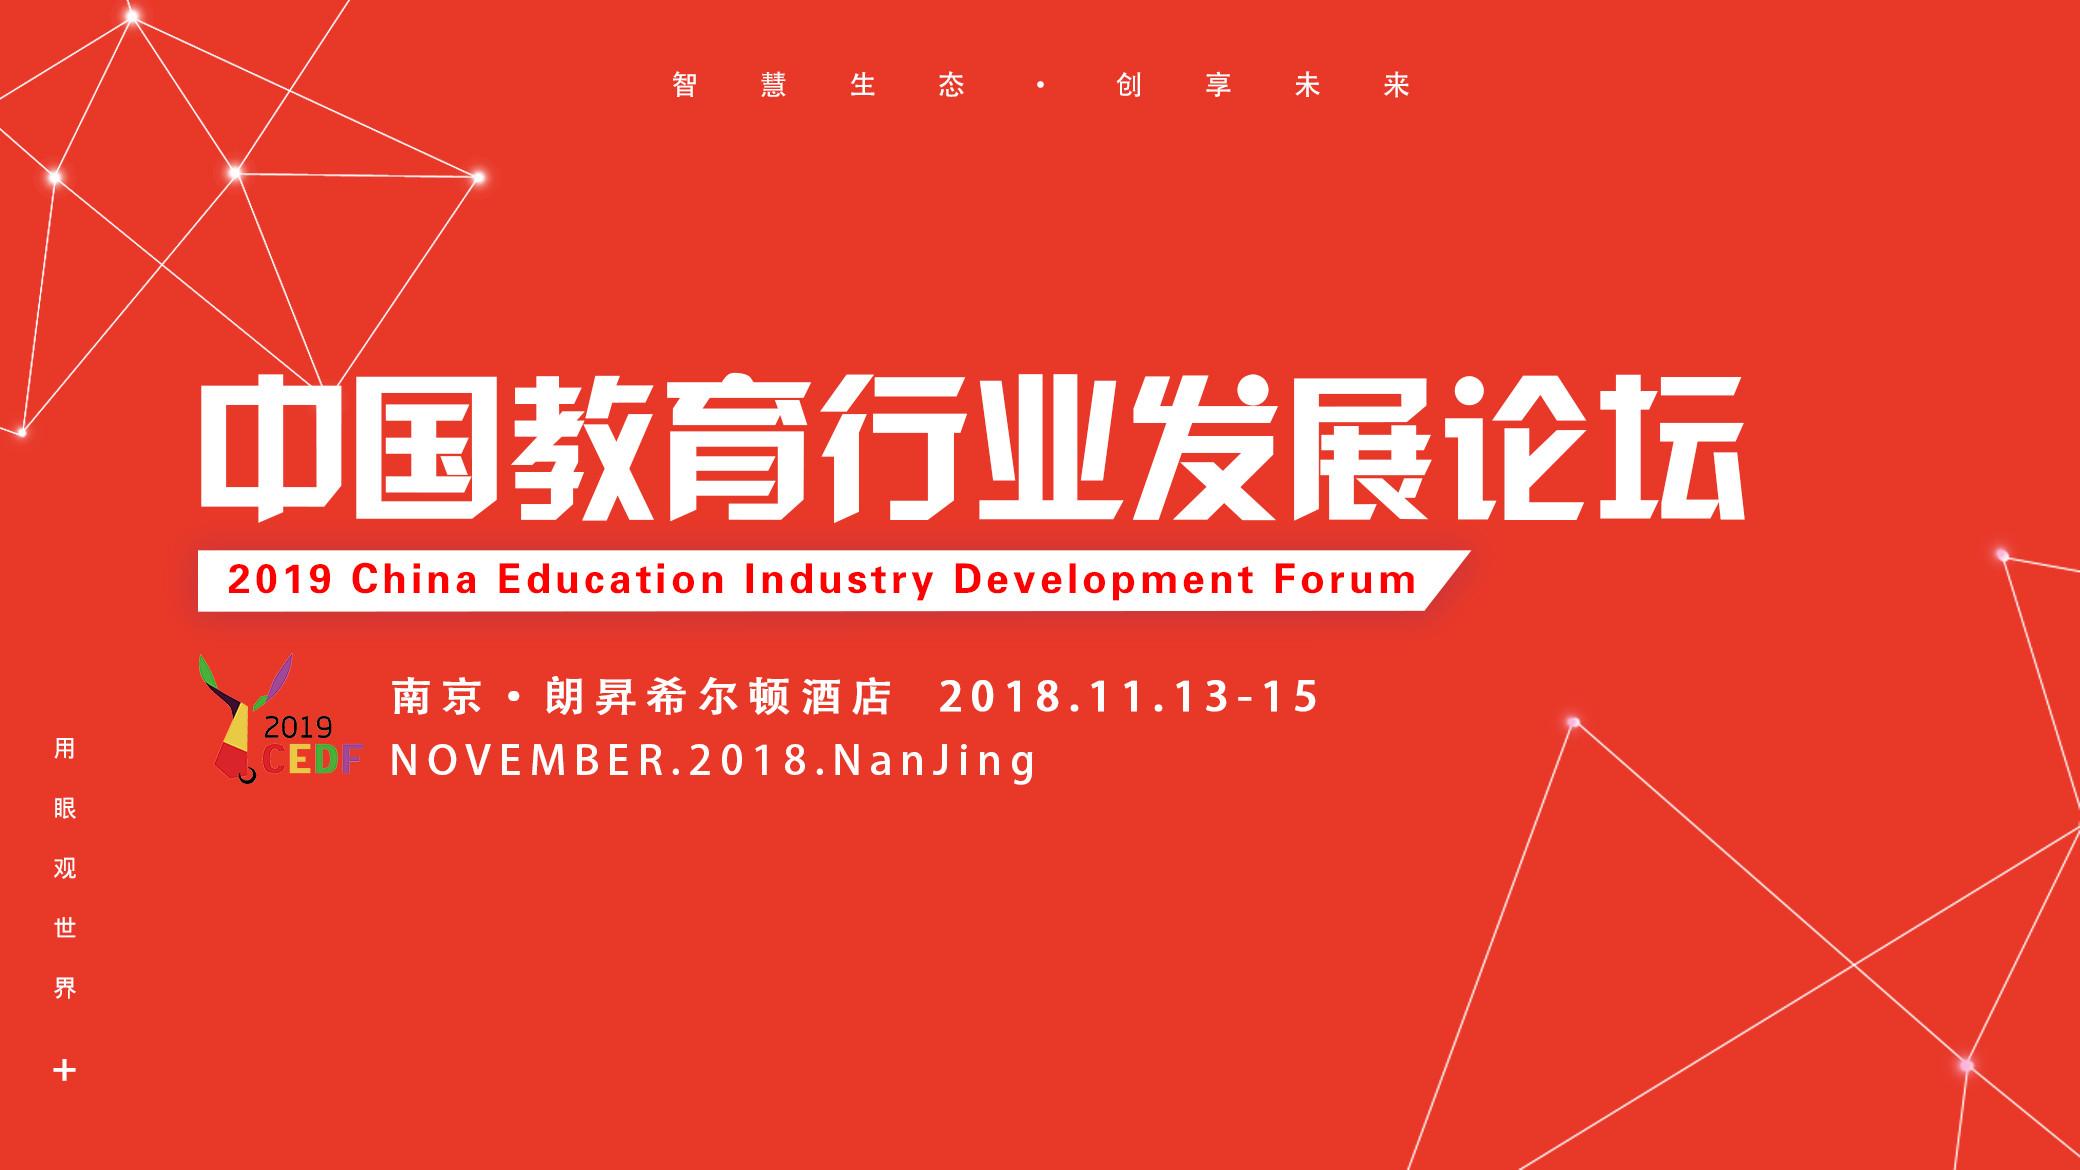 智慧生态,创享未来 | 2019中国教育行业发展论坛